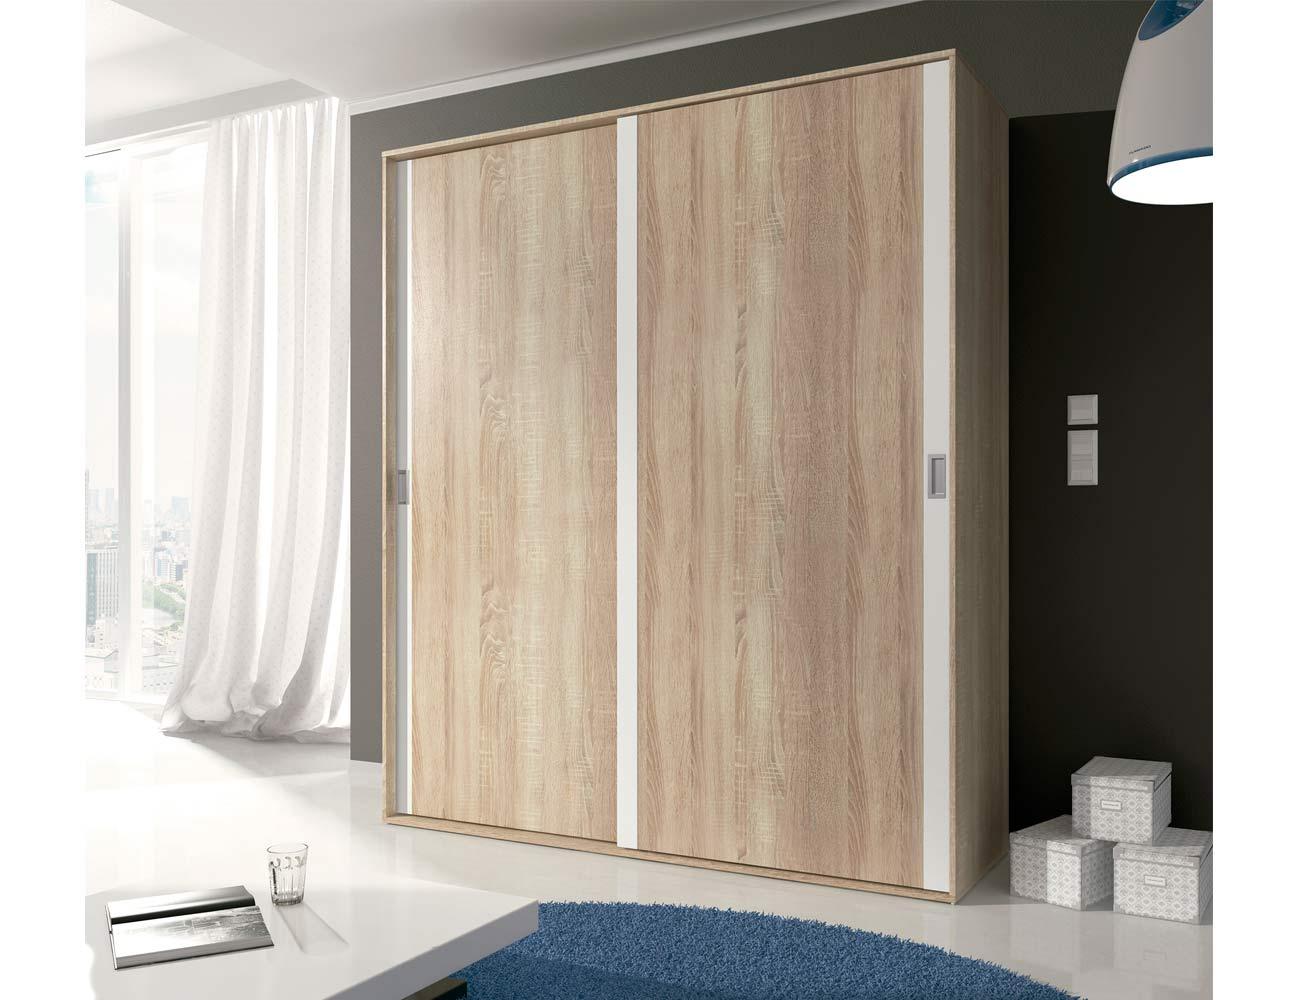 Armario 2 puertas correderas cambrian blanco1